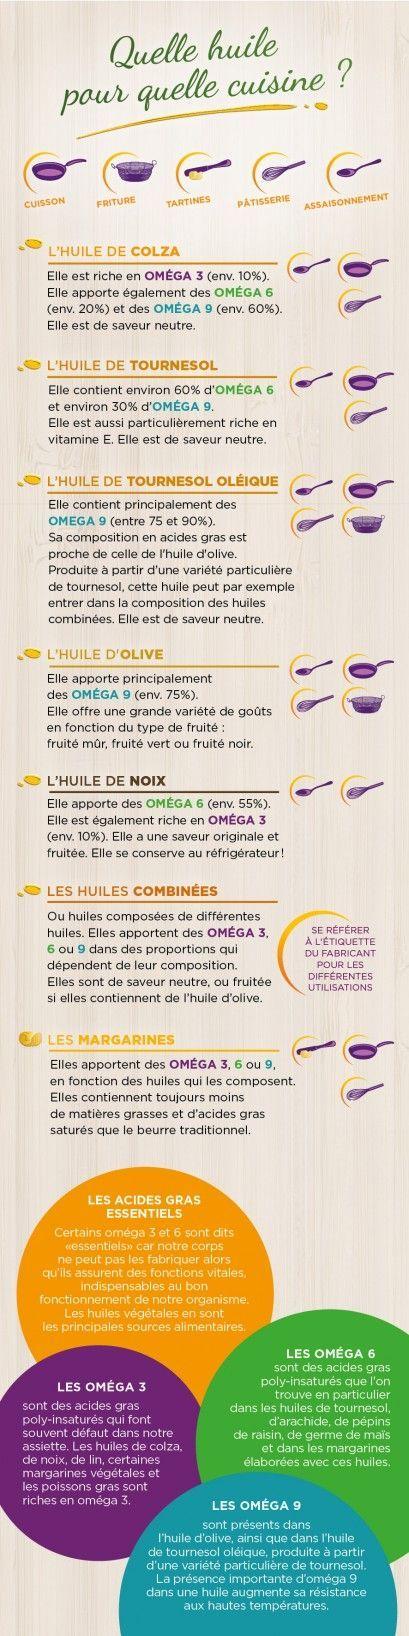 Quelle huile pour quelle cuisine Et ici : les bienfaits de quels oméga http://www.passeportsante.net/fr/Solutions/PlantesSupplements/Fiche.aspx?doc=acides_gras_omega-9_ps: